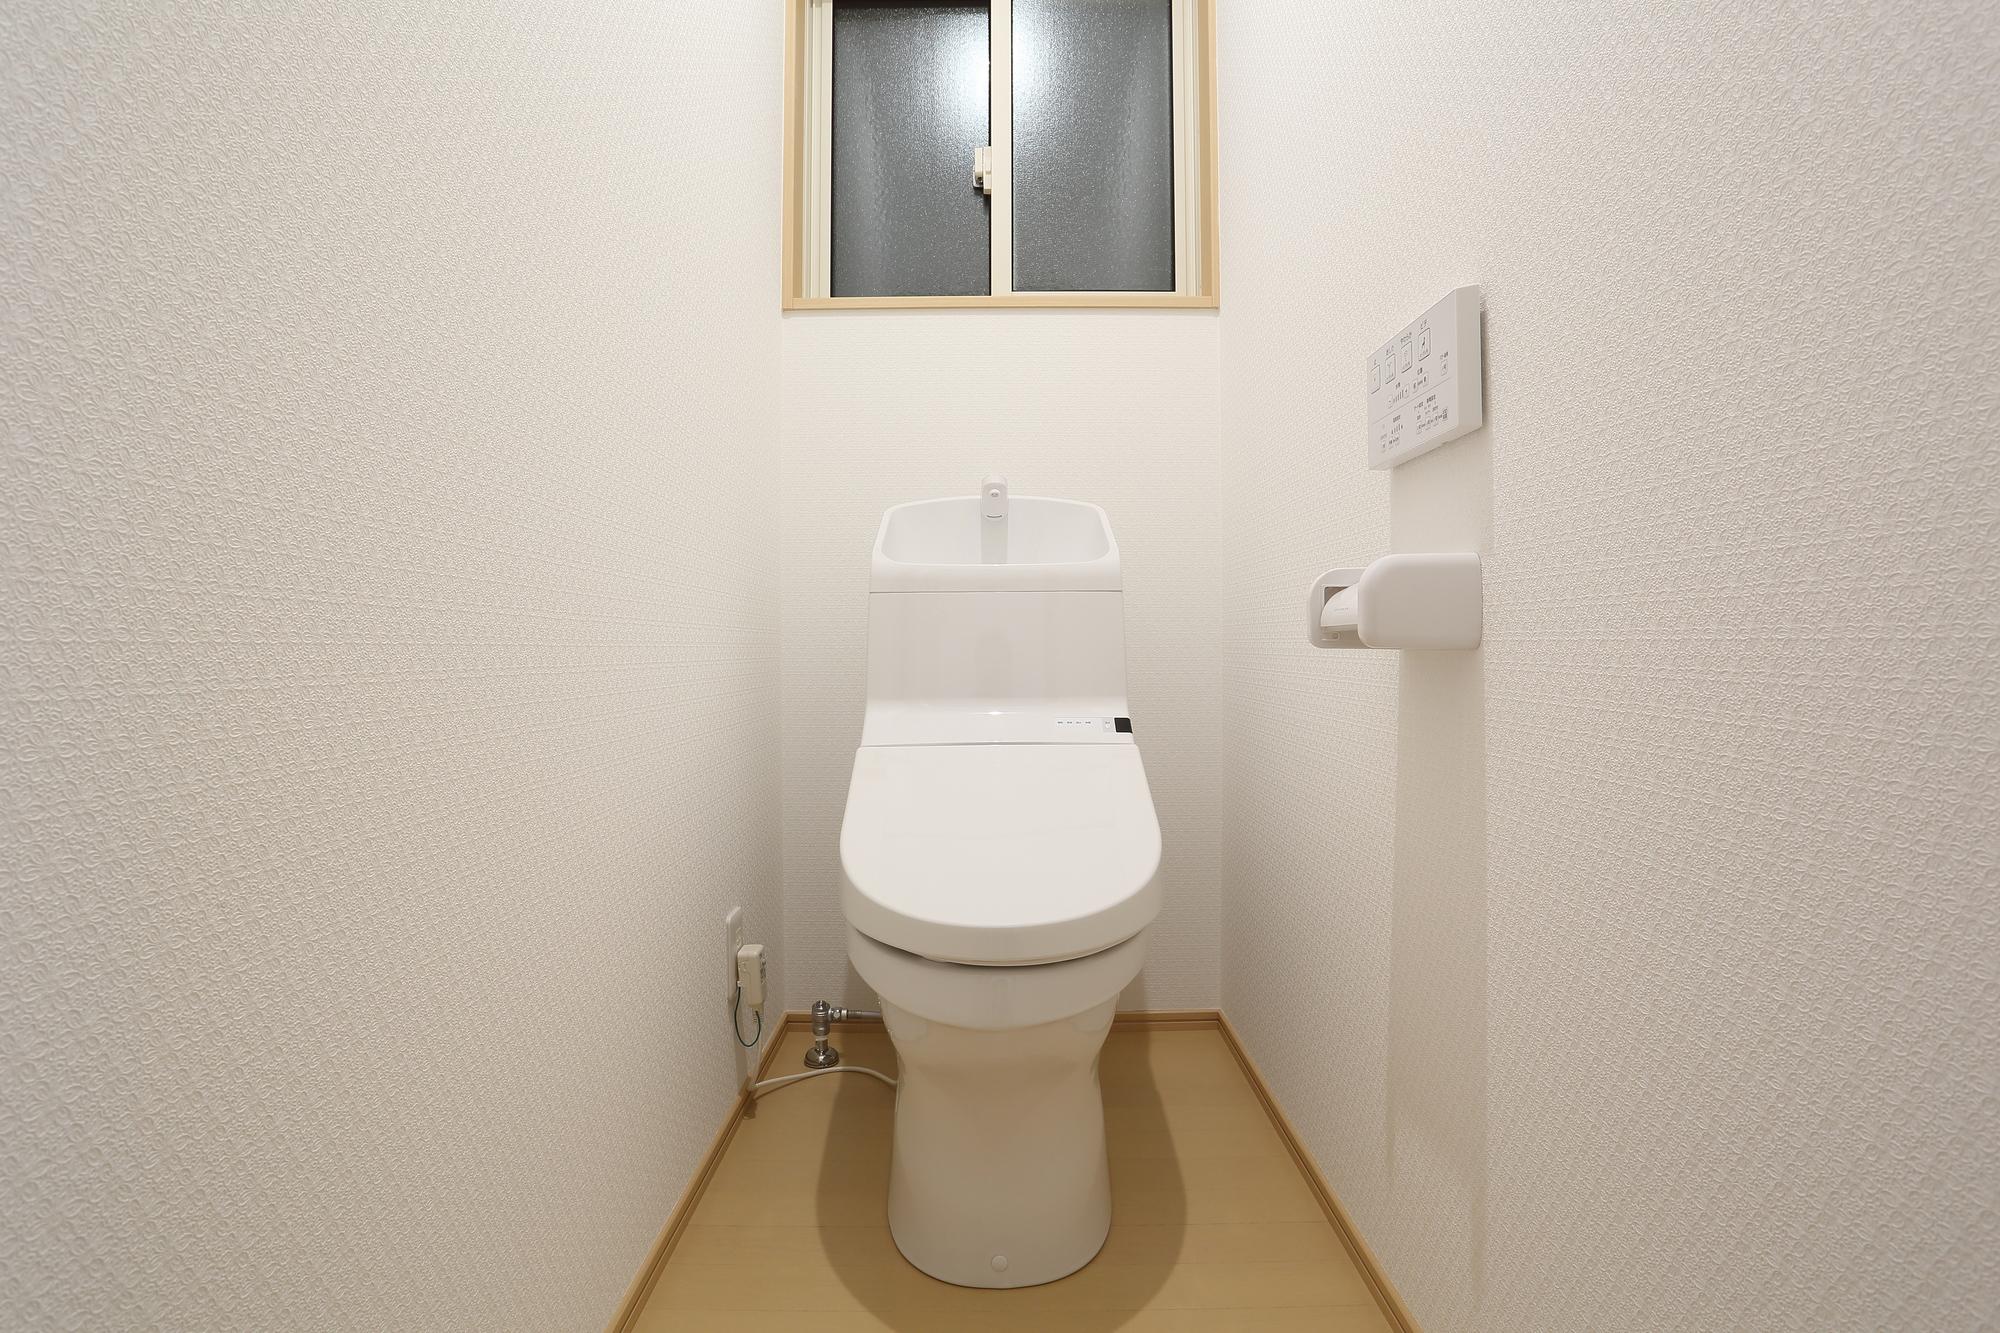 トイレの壁紙リフォームでもう悩まない プロが教える大満足の選び方